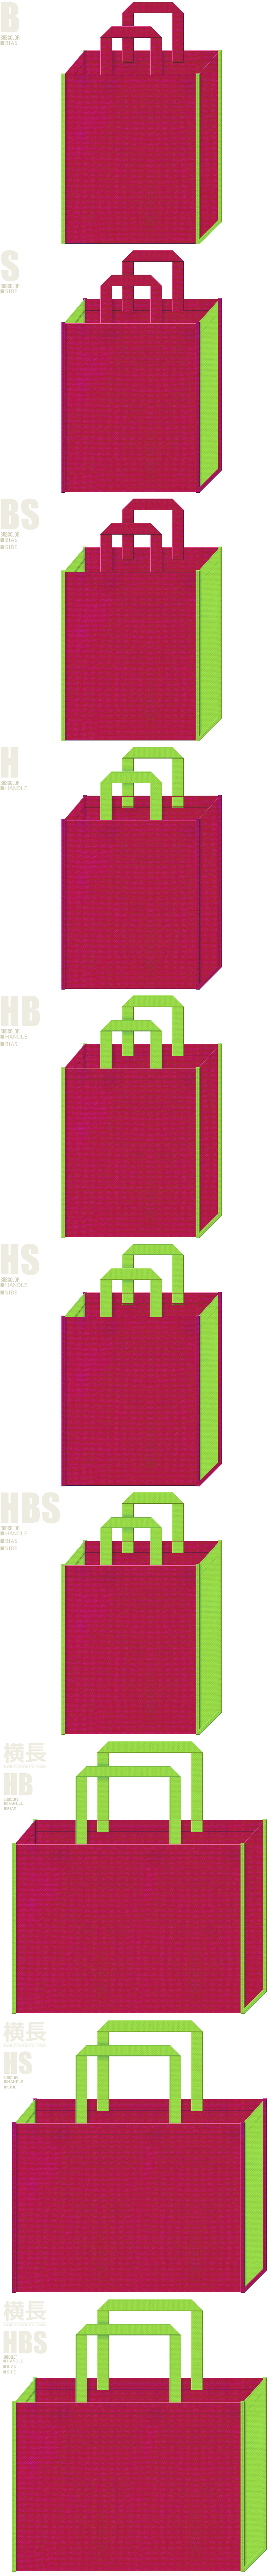 ロールプレイングゲーム・ロードレース・スポーツイベント・ドラゴンフルーツ・南国・トロピカル・カクテル・リゾート・トラベルバッグにお奨めの不織布バッグデザイン:濃いピンク色と黄緑色の配色7パターン